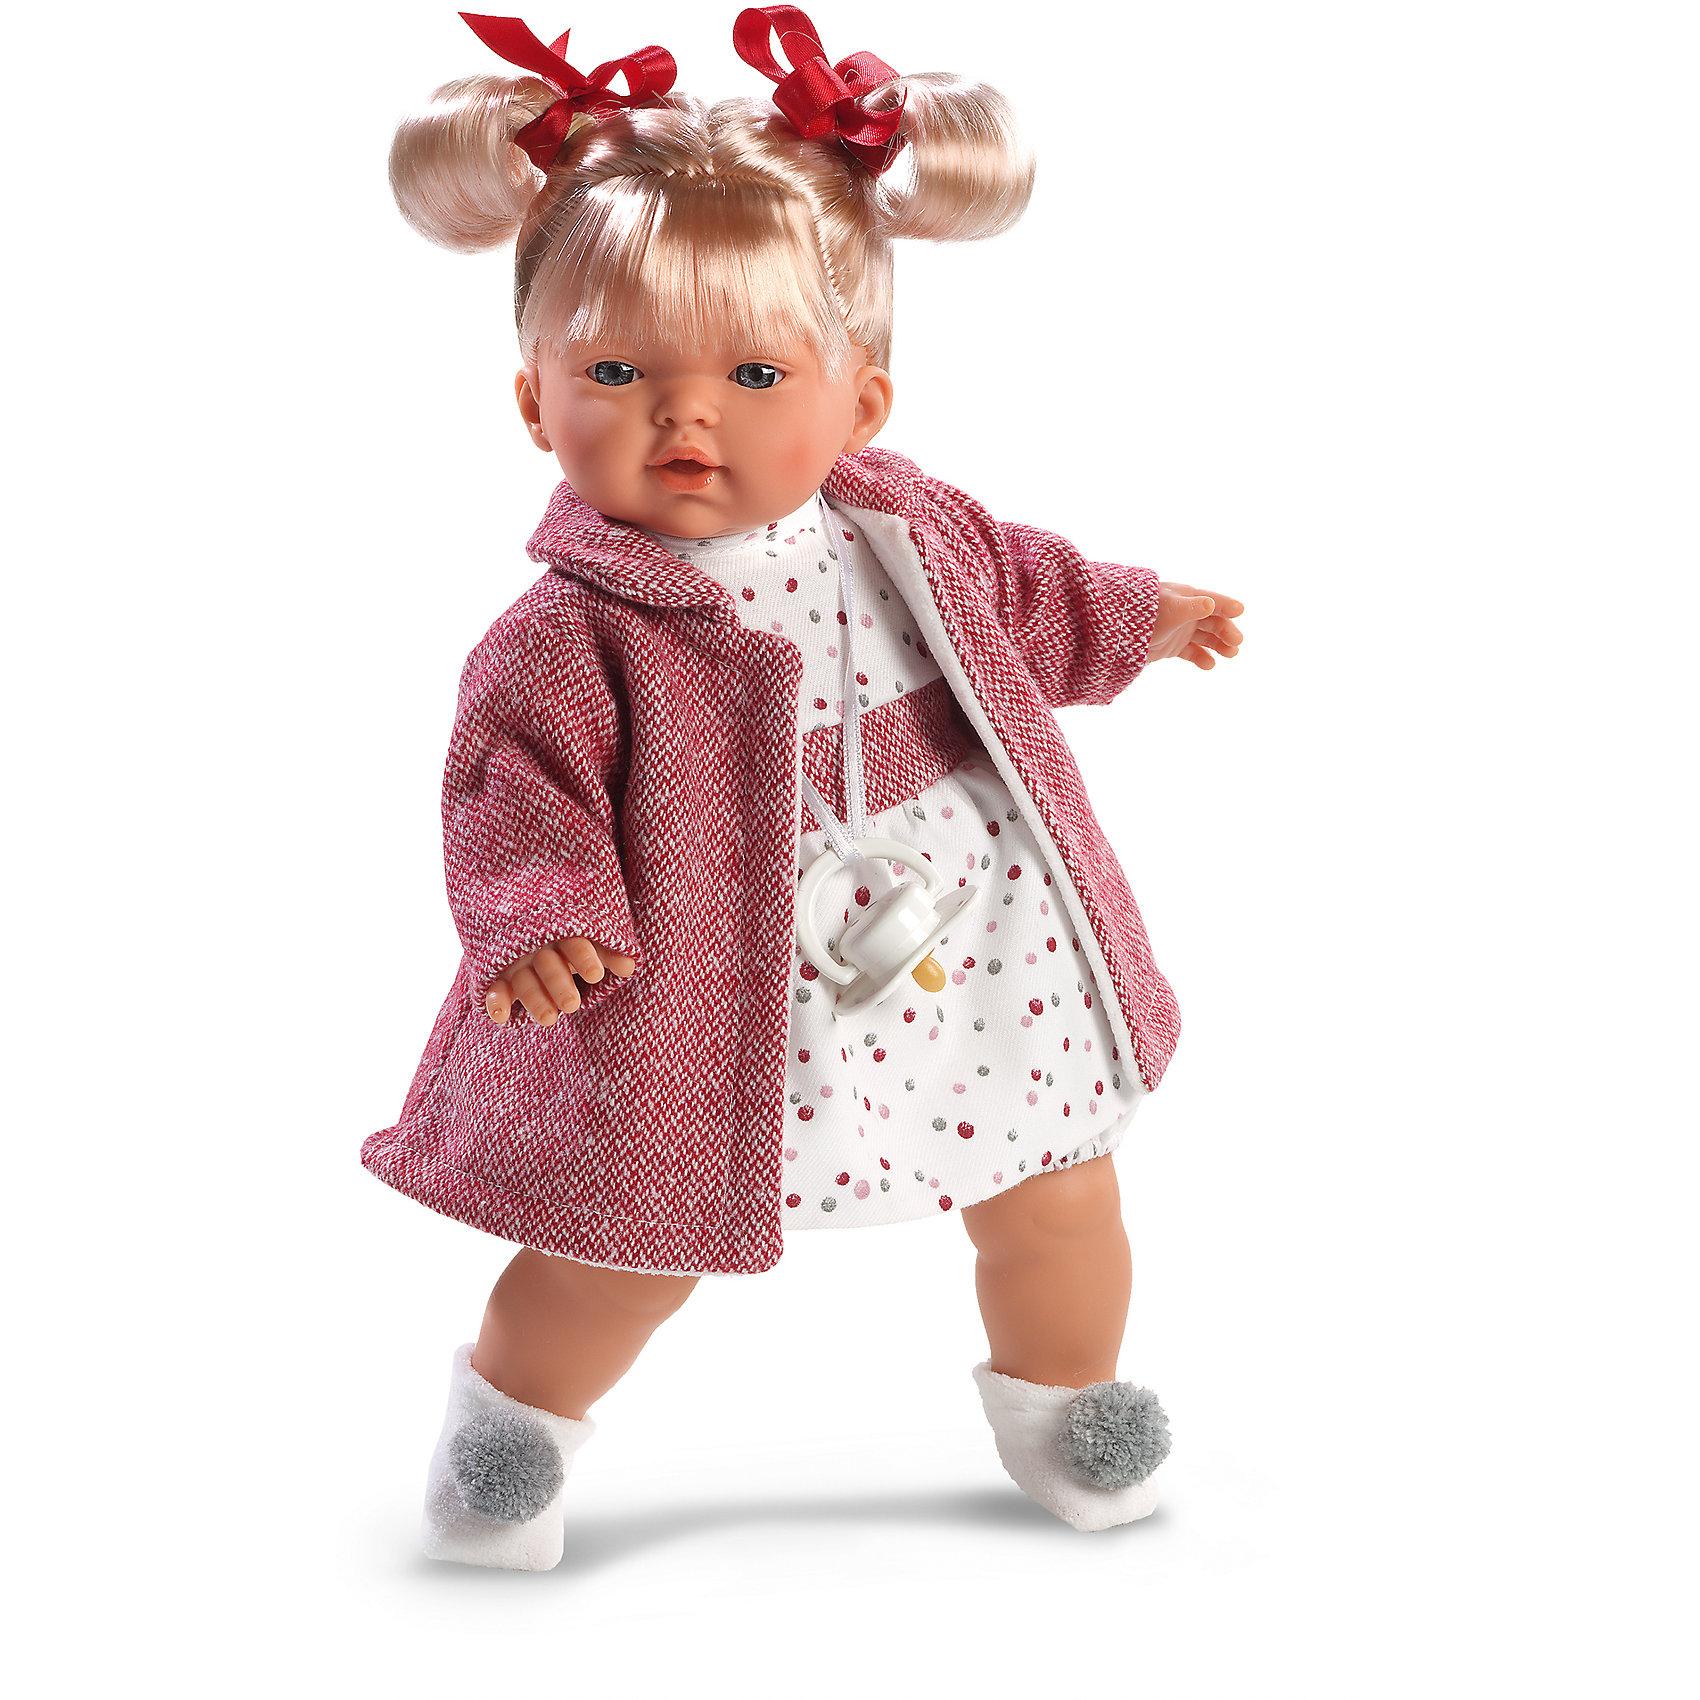 Кукла Татьяна, 33 см, LlorensКуклы<br>Характеристики:<br><br>• Предназначение: для сюжетно-ролевых игр<br>• Тип куклы: мягконабивная<br>• Пол куклы: девочка <br>• Цвет волос: блондинка<br>• Материал: поливинилхлорид, пластик, нейлон, текстиль<br>• Цвет: оттенки розового, белый, красный, серый<br>• Высота куклы: 33 см<br>• Комплектация: кукла, платье, твидовое пальто, носочки, пустышка на ленточке<br>• Вес: 660 г<br>• Размеры упаковки (Д*В*Ш): 20*37*10 см<br>• Упаковка: подарочная картонная коробка <br>• Особенности ухода: допускается деликатная стирка без использования красящих и отбеливающих средств предметов одежды куклы<br><br>Кукла Татьяна 33 см без звука – кукла, производителем которого является всемирно известный испанский кукольный бренд Llorens. Куклы этой торговой марки имеют свою неповторимую внешность и целую линейку образов как пупсов, так и кукол-малышей. Игрушки выполнены из сочетания поливинилхлорида и пластика, что позволяет с высокой долей достоверности воссоздать физиологические и мимические особенности маленьких детей. При изготовлении кукол Llorens используются только сертифицированные материалы, безопасные и не вызывающие аллергических реакций. Волосы у кукол отличаются густотой, шелковистостью и блеском, при расчесывании они не выпадают и не ломаются.<br>Кукла Татьяна 33 см без звука выполнена в образе малышки: блондинка с голубыми глазами и задорными хвостиками, которые завязаны красными ленточками. В комплект одежды Татьяны входит платьице в разноцветный горох, твидовое пальто розового цвета и белые носочки с серыми помпонами. У малышки имеется соска на ленточке. <br>Кукла Татьяна 33 см без звука – это идеальный вариант для подарка к различным праздникам и торжествам.<br><br>Куклу Татьяну 33 см без звука можно купить в нашем интернет-магазине.<br><br>Ширина мм: 20<br>Глубина мм: 37<br>Высота мм: 10<br>Вес г: 660<br>Возраст от месяцев: 36<br>Возраст до месяцев: 84<br>Пол: Женский<br>Возраст: Детский<br>SKU: 5086893